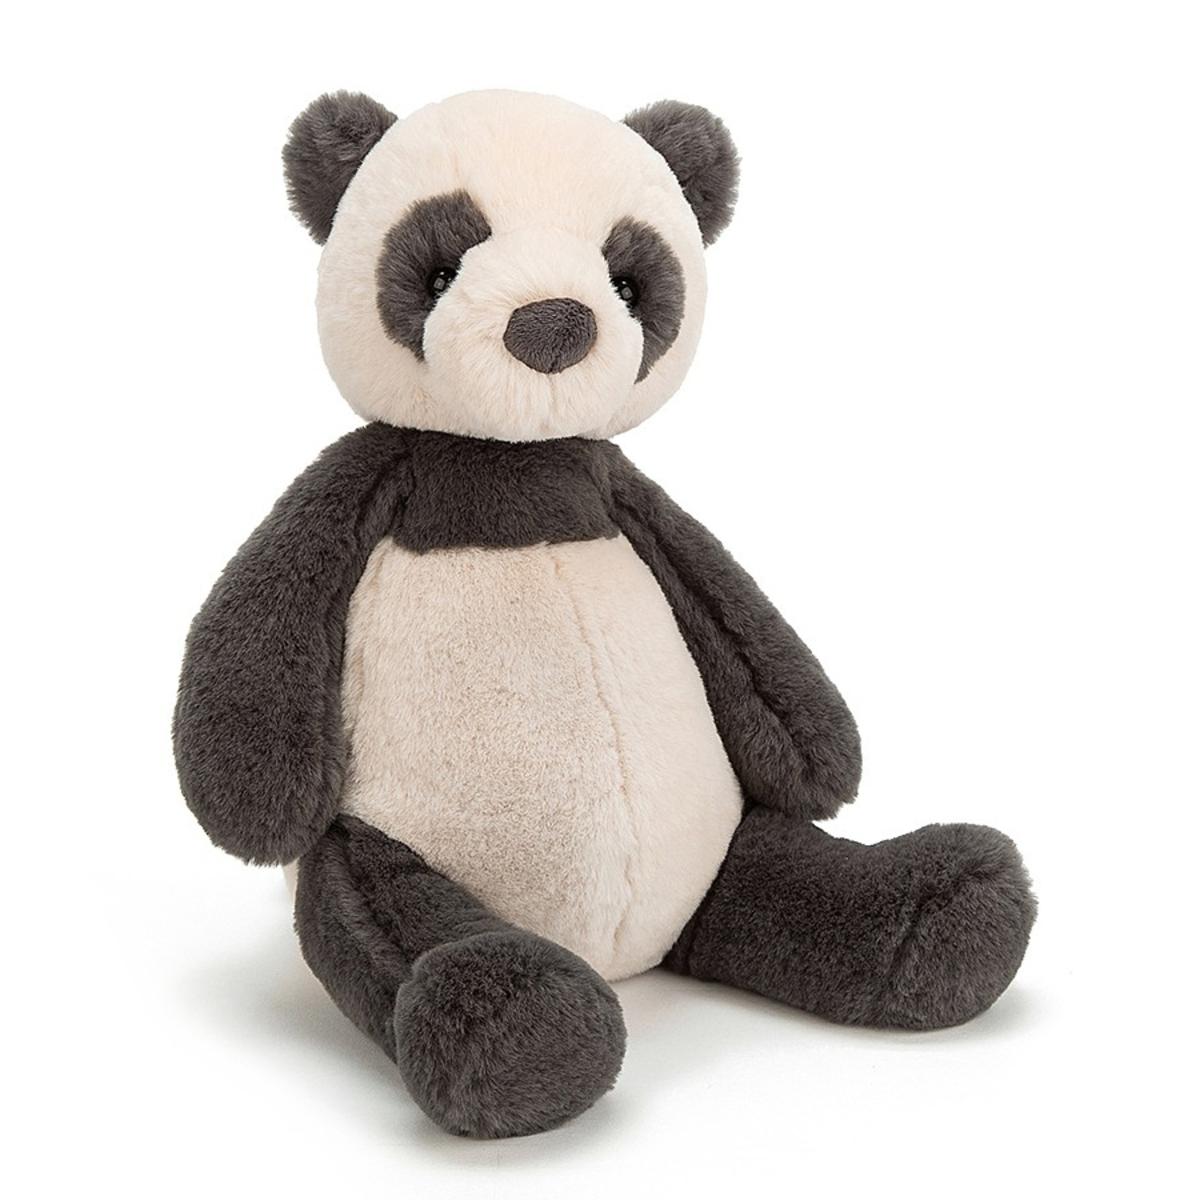 Peluche Puffles Panda Puffles Panda